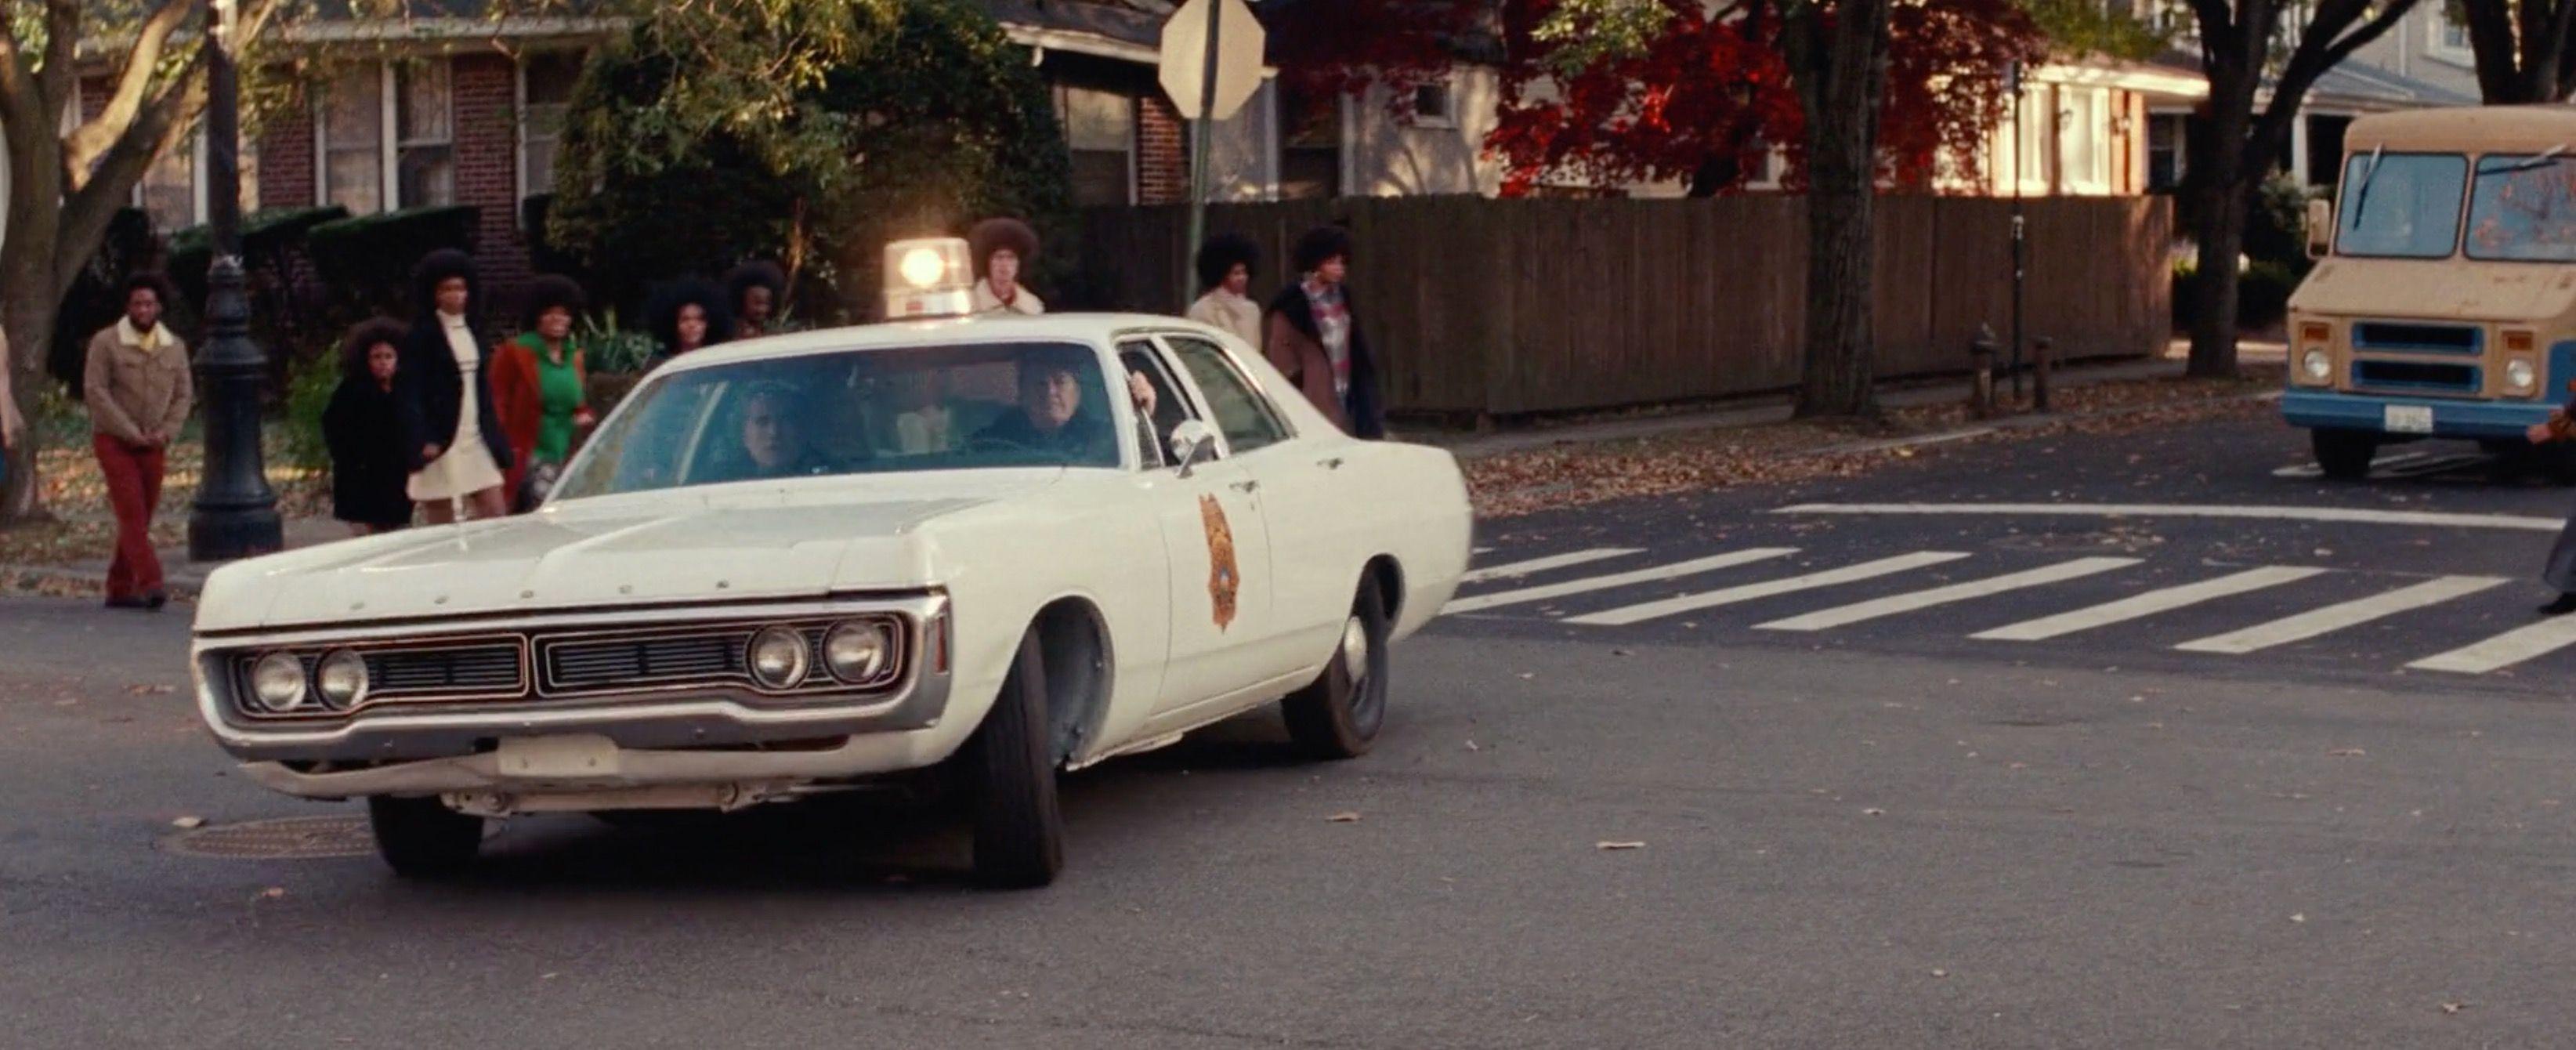 Dodge Coronet In Blackkklansman 2018 Drama Movies Car Brands Dodge